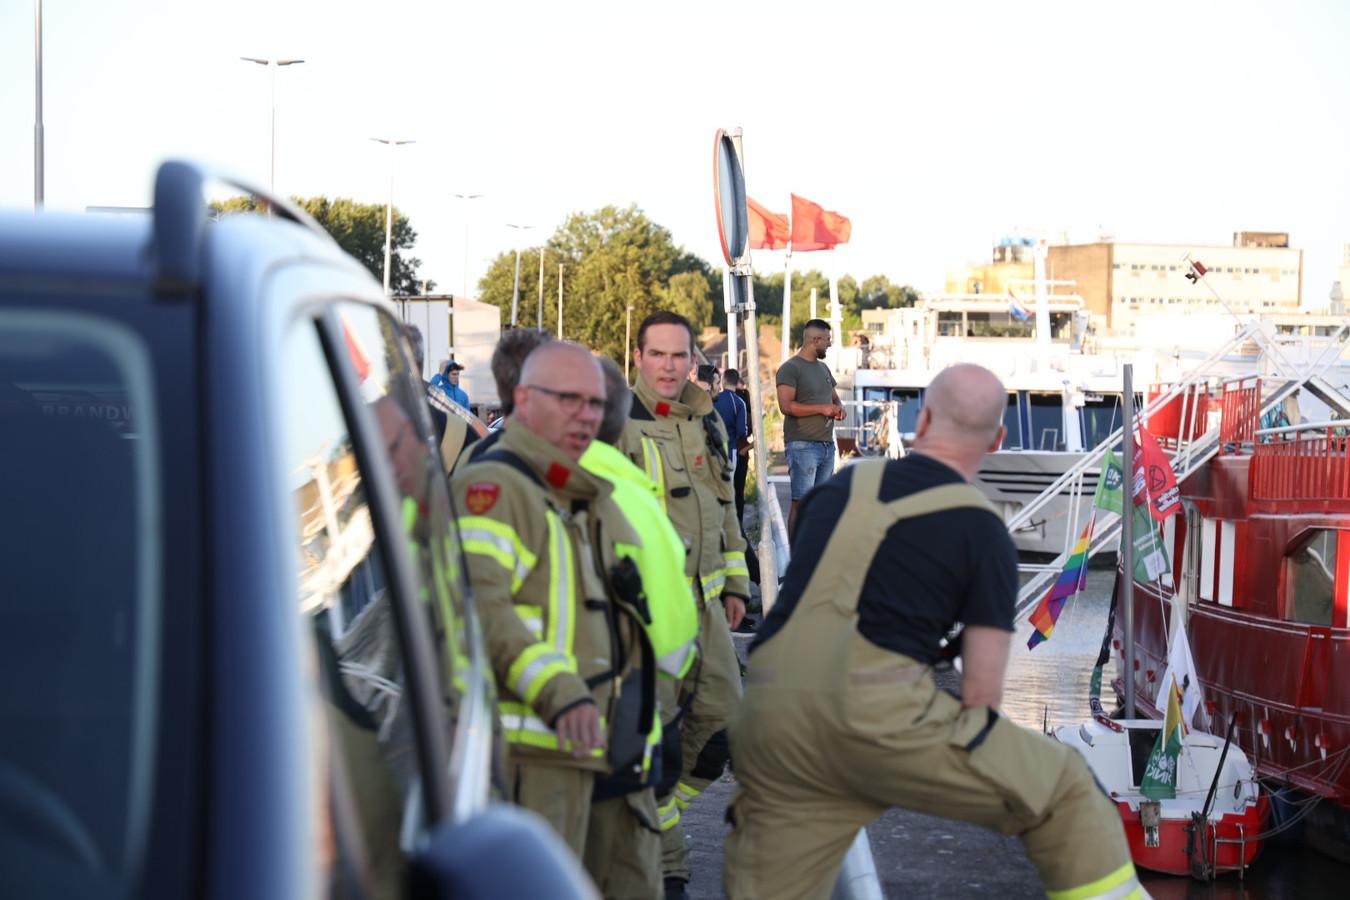 Politie en brandweer op de kade in Arnhem.